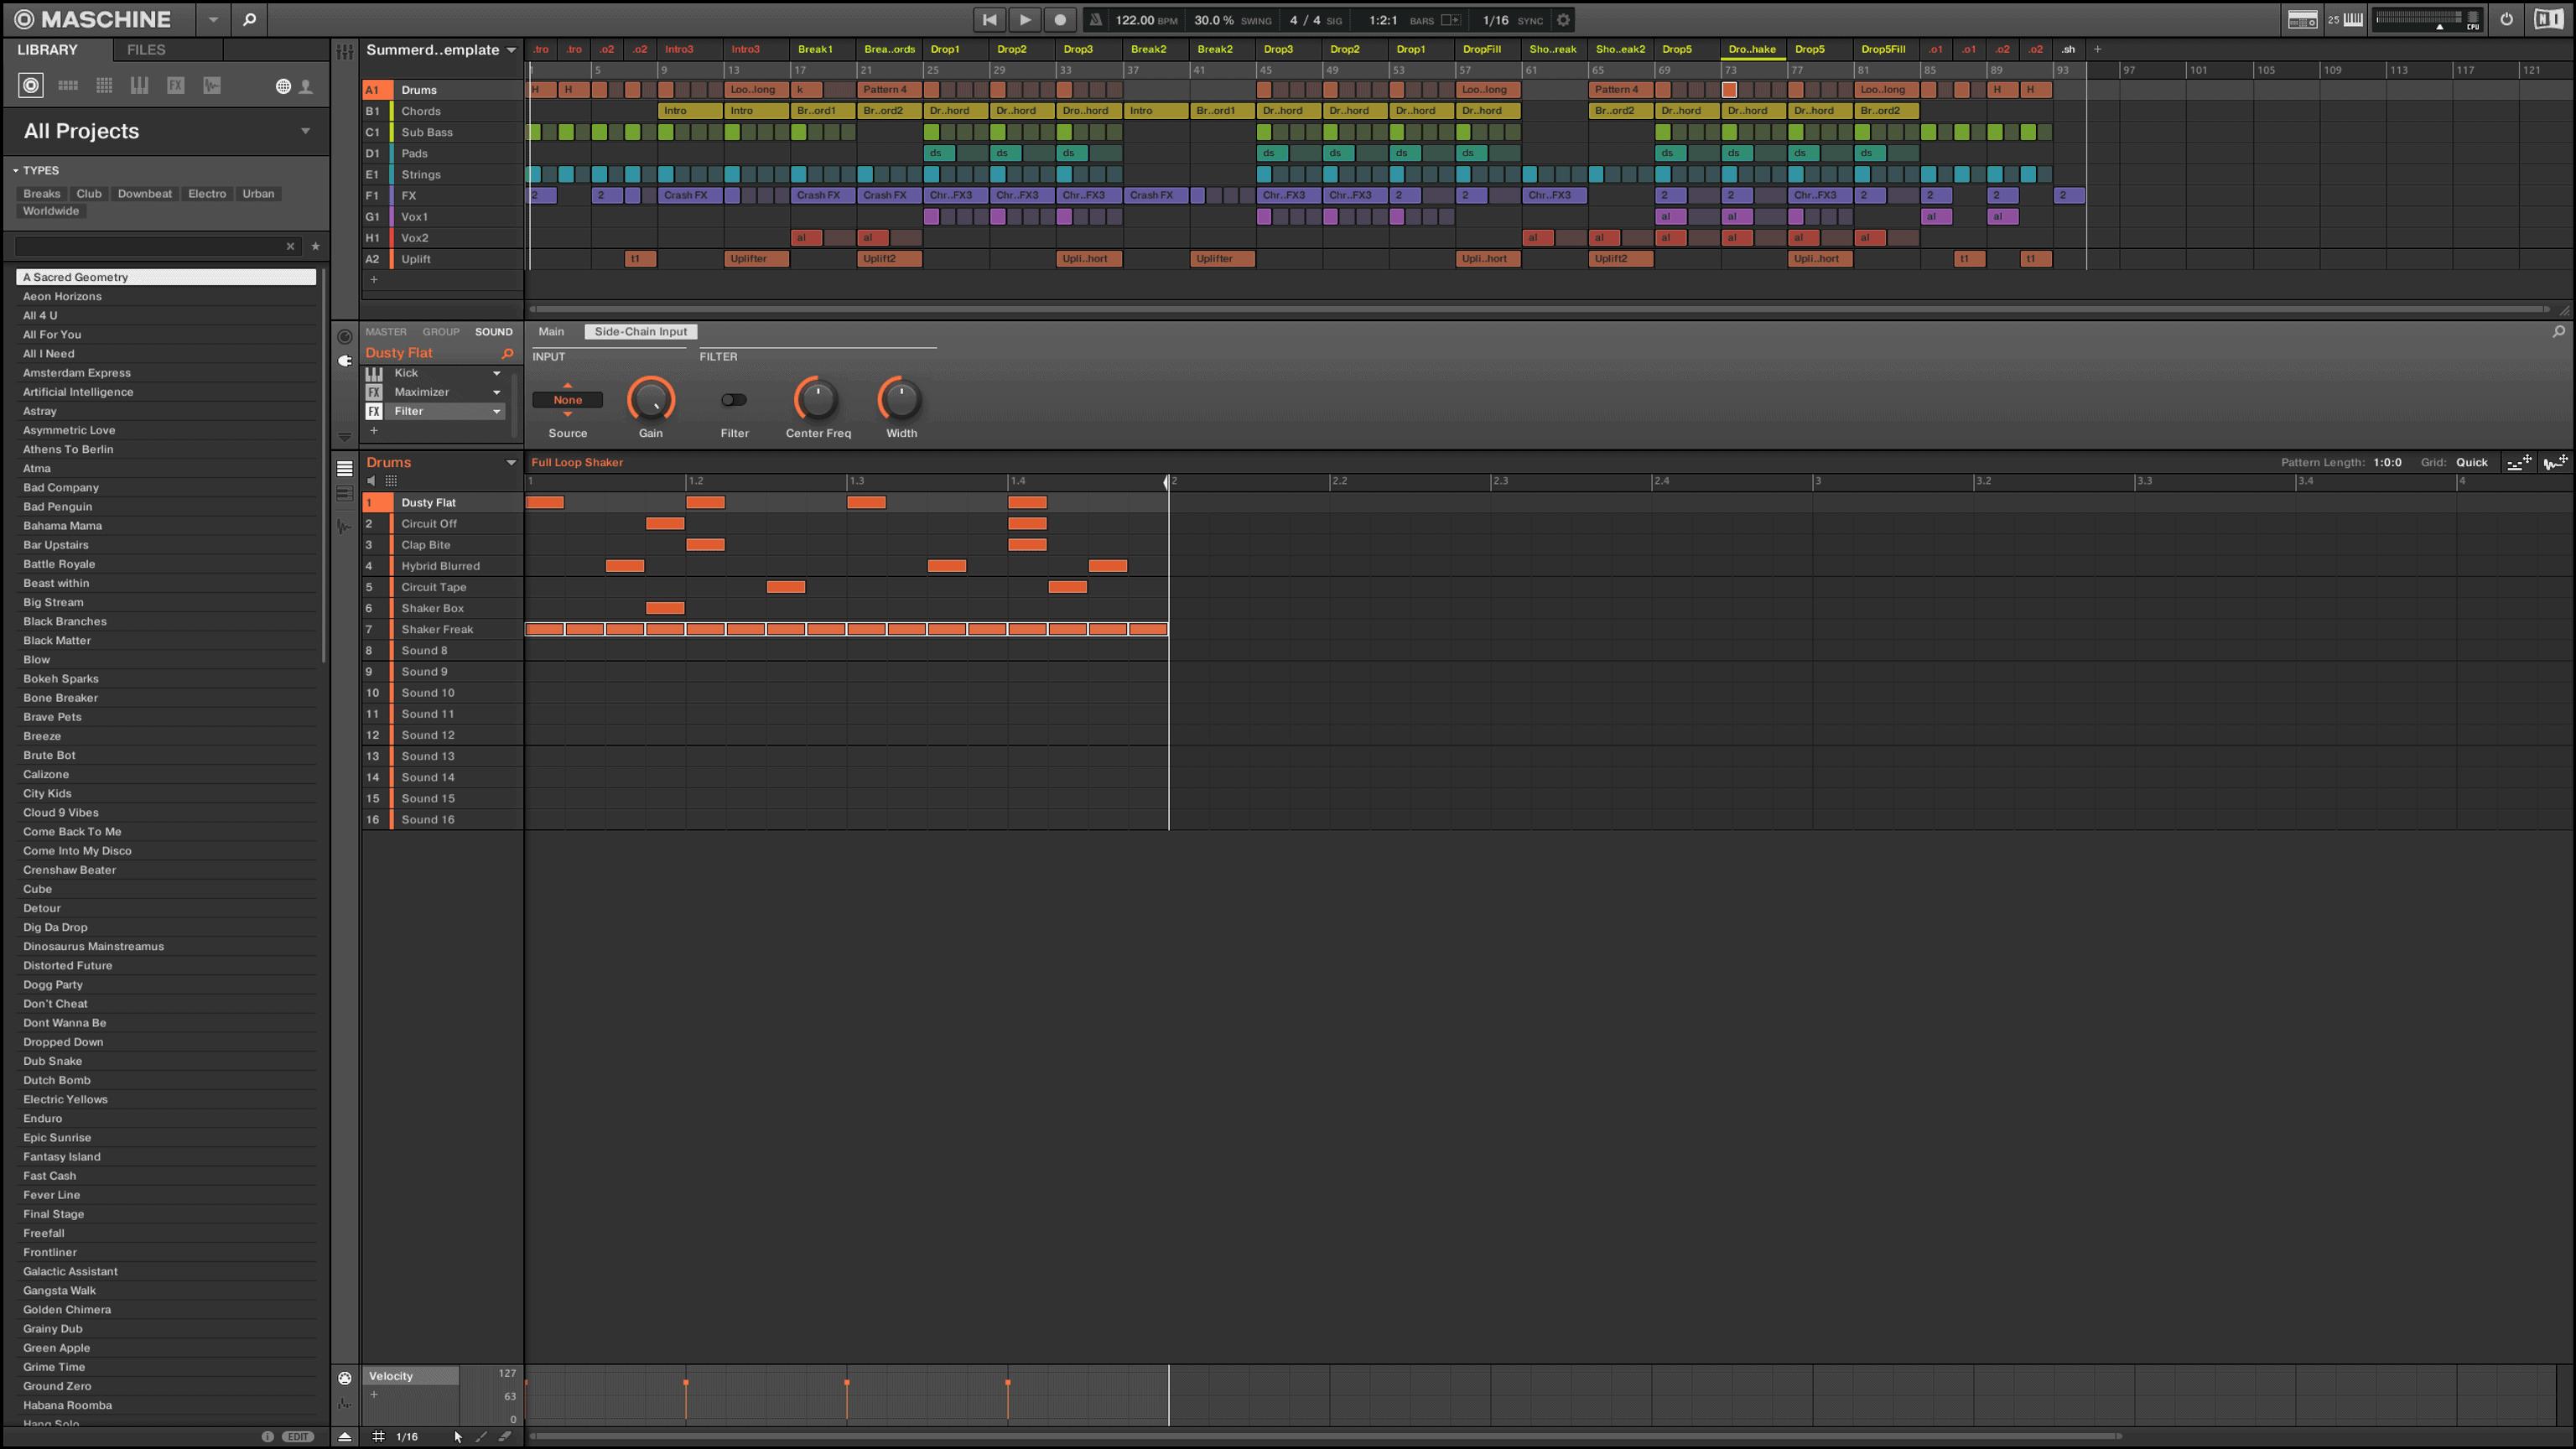 Summerdaze-Maschine-Studio-Template1